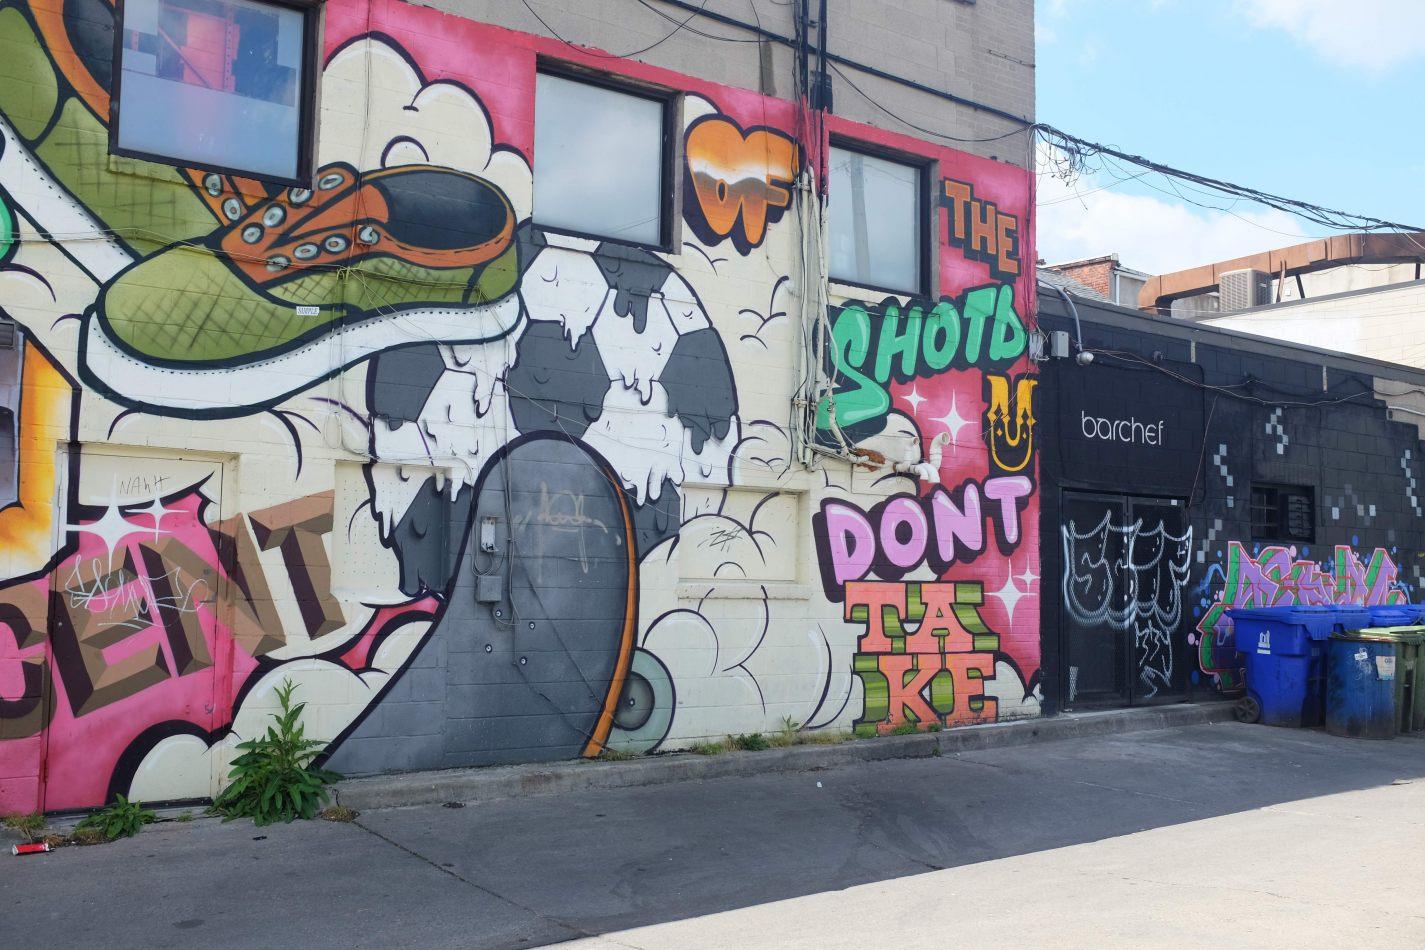 Hibiscus & Nomada : Canada - Street Art Toronto